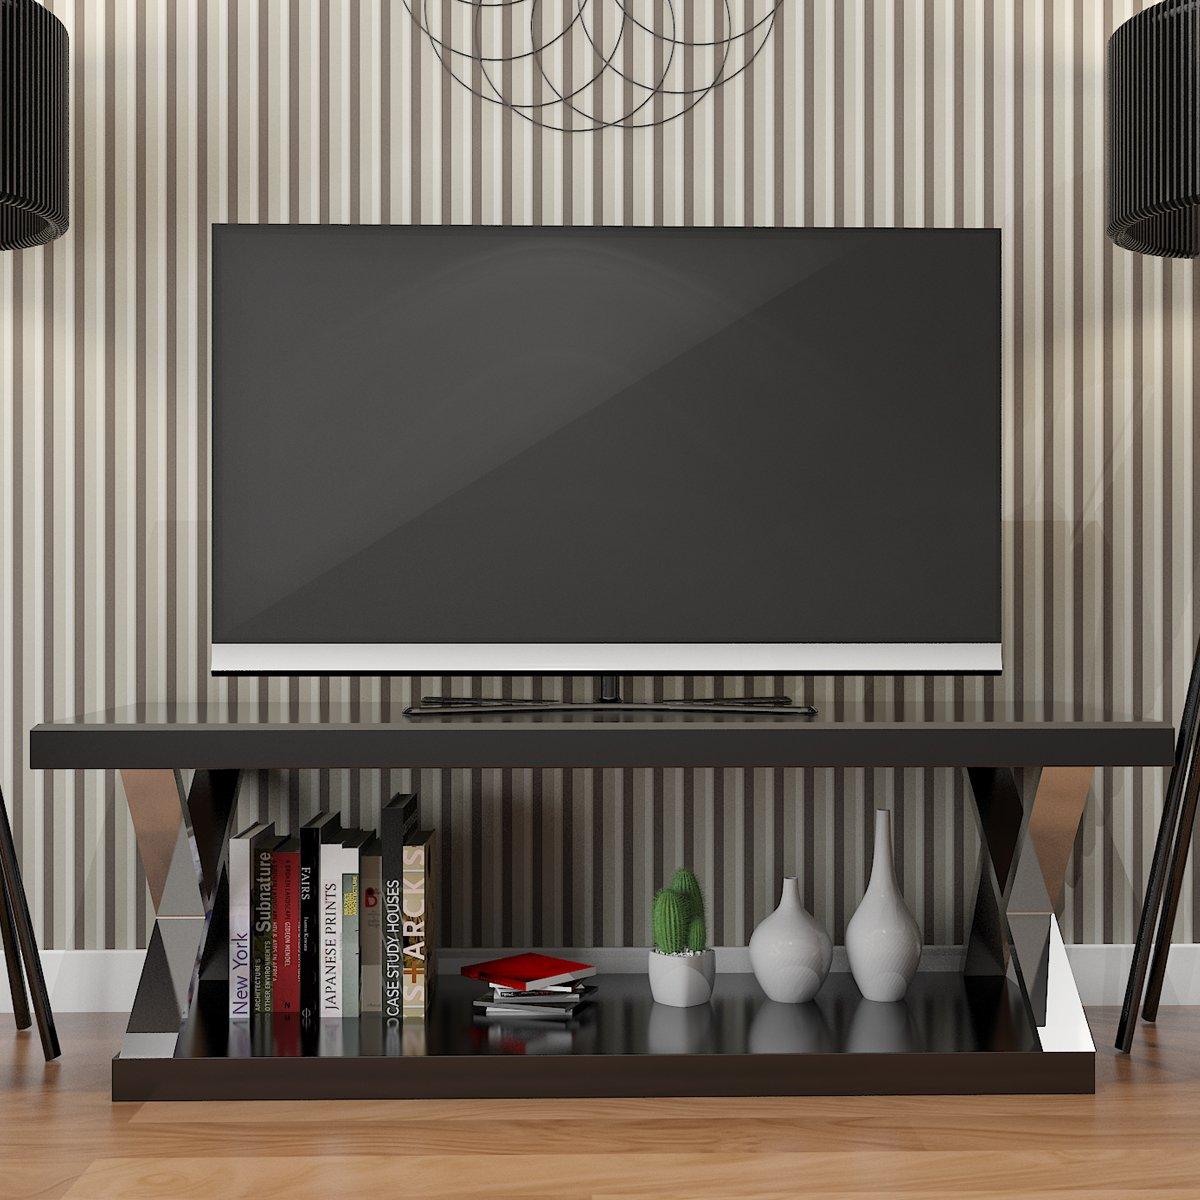 hayden double v design 60 inch modern tv standjoin our newsletter